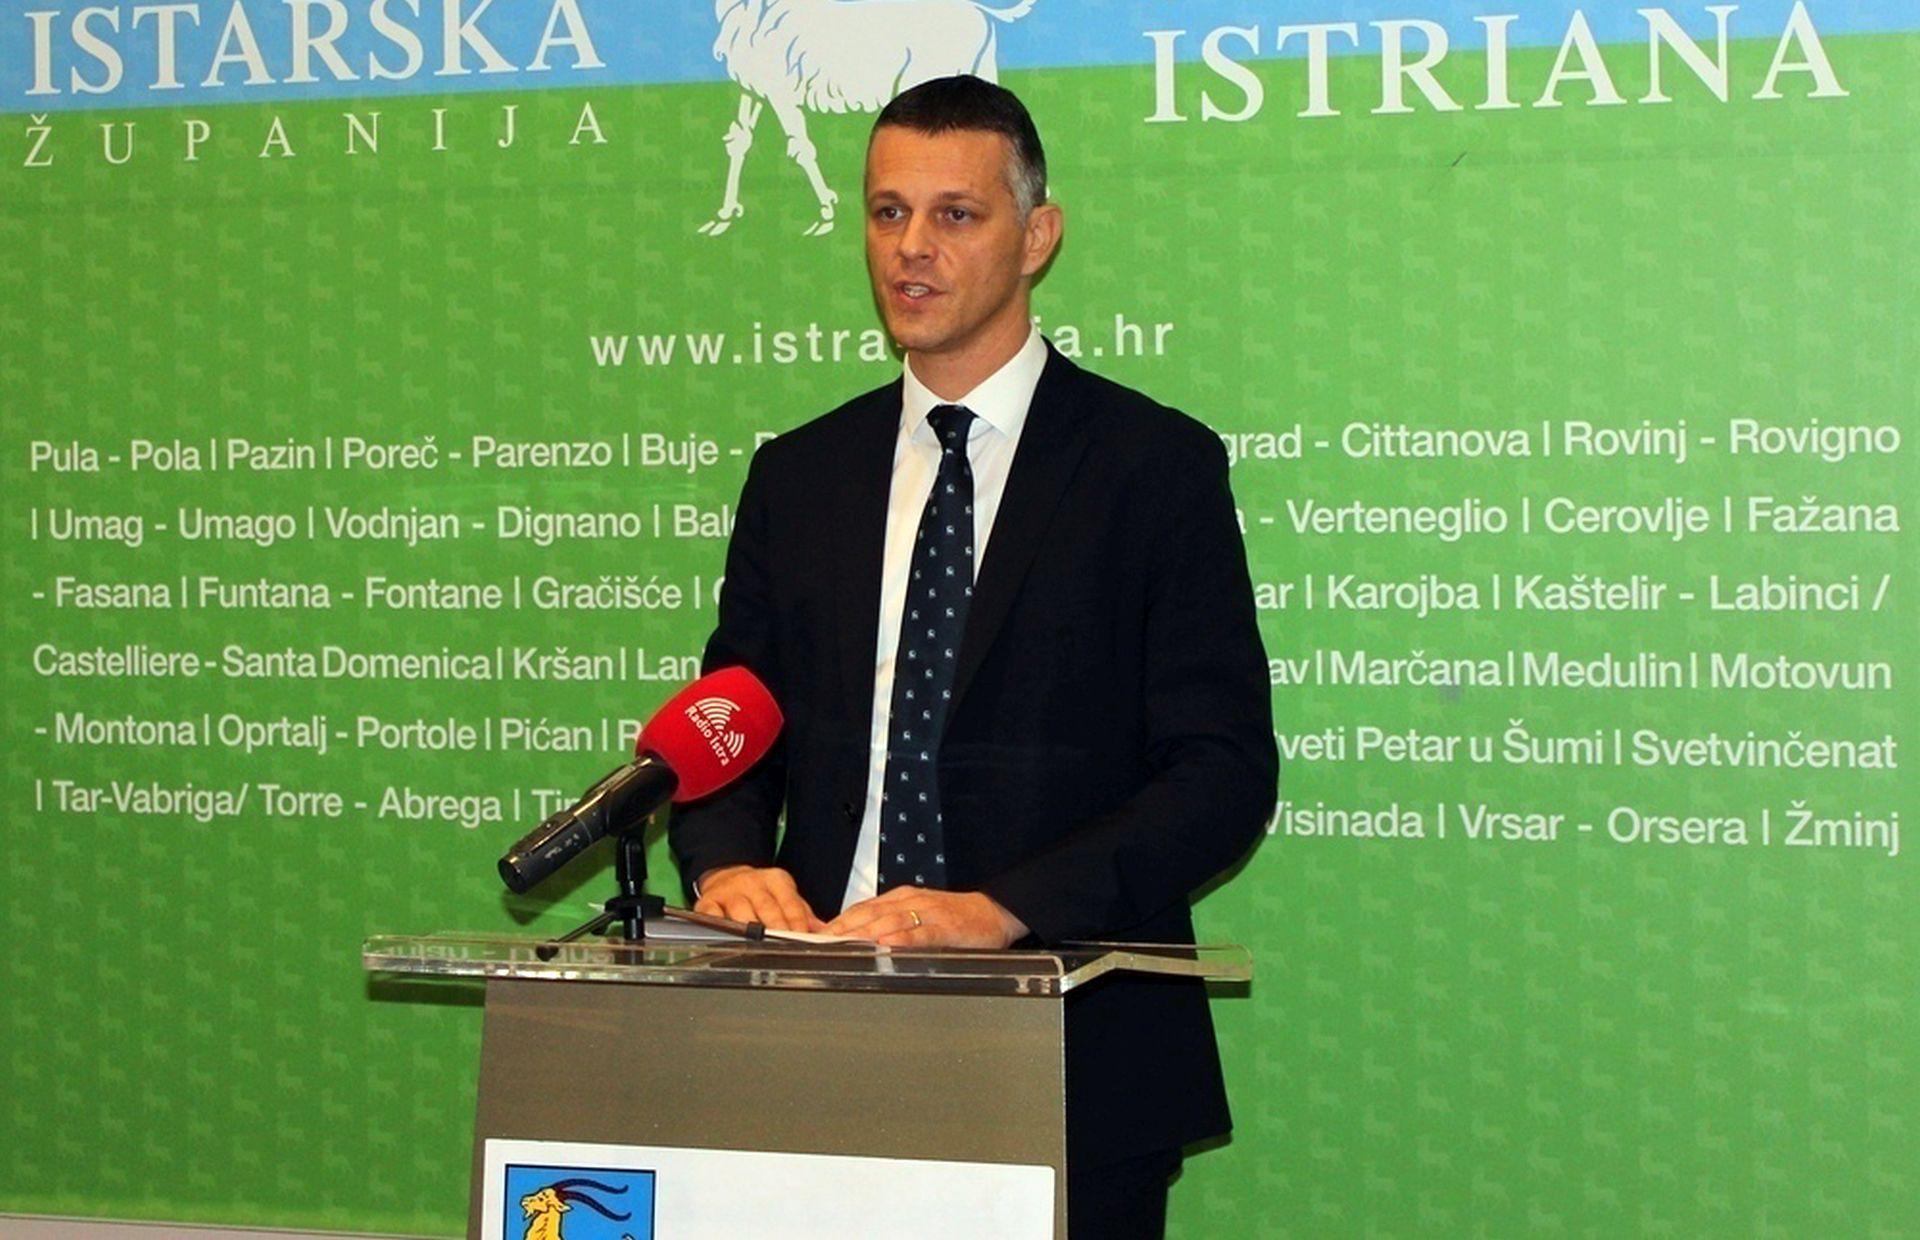 EU FONDOVI: Istra dosad realizirala 509 međunarodnih projekata